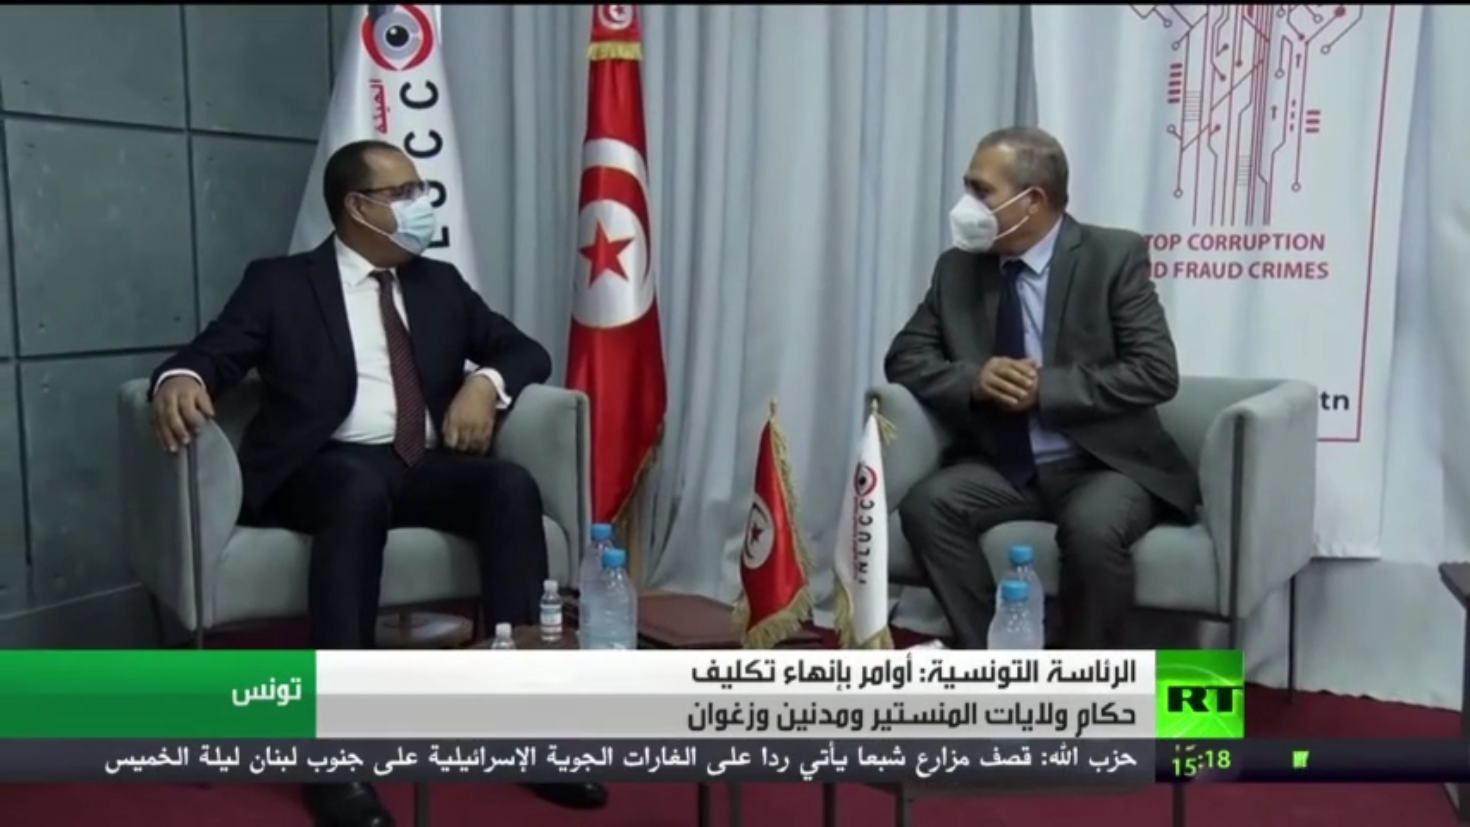 الرئيس التونسي يقيل 3 مسؤولين جدد